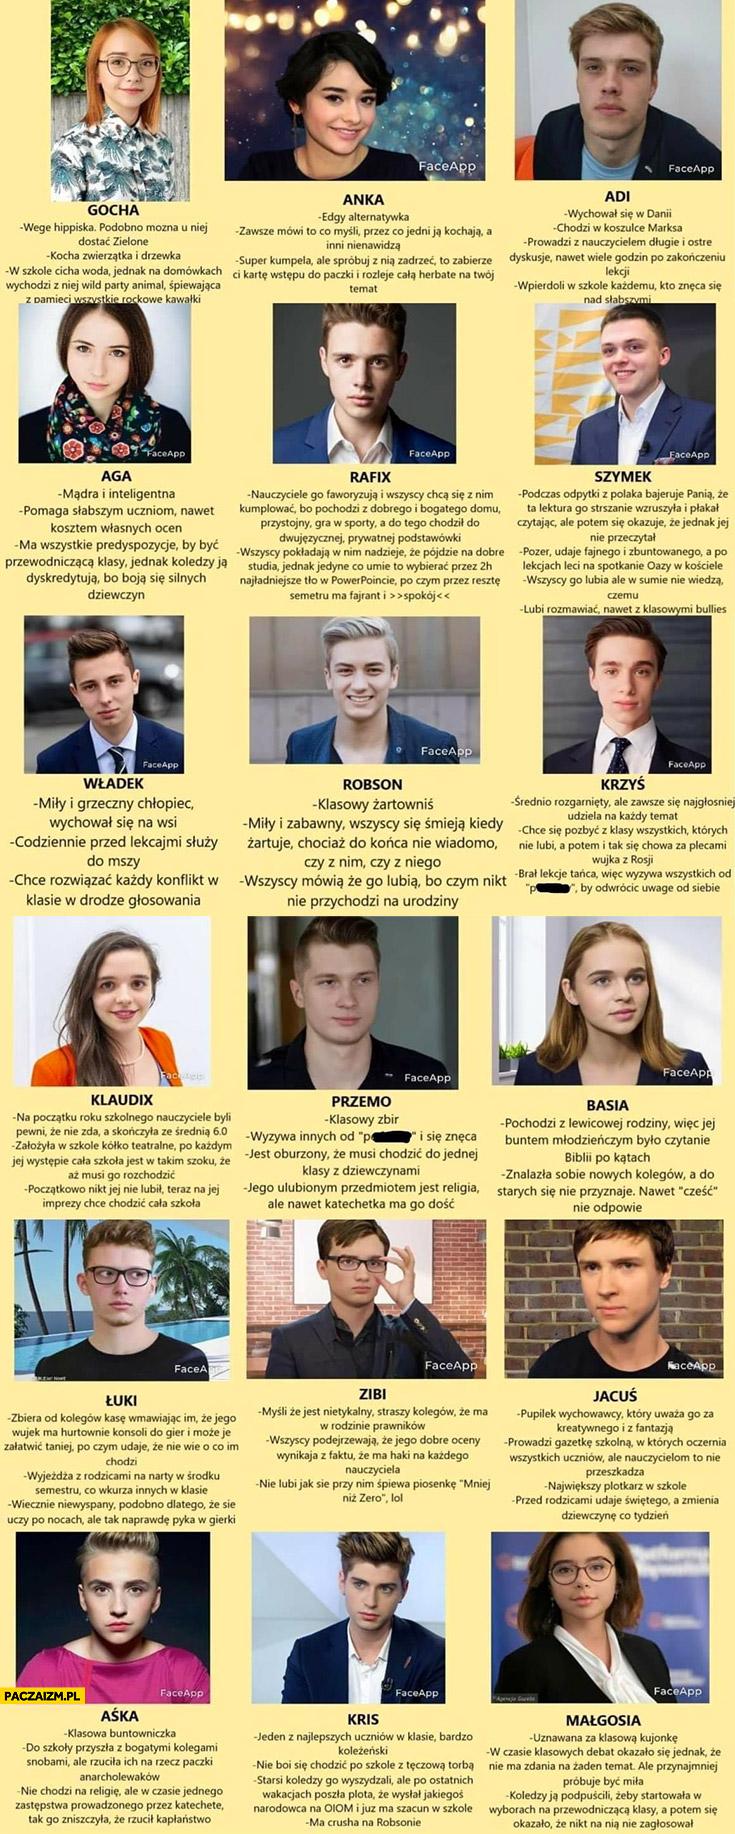 Posłowie politycy jako dzieci młodzież w szkole klasie przeróbka faceapp